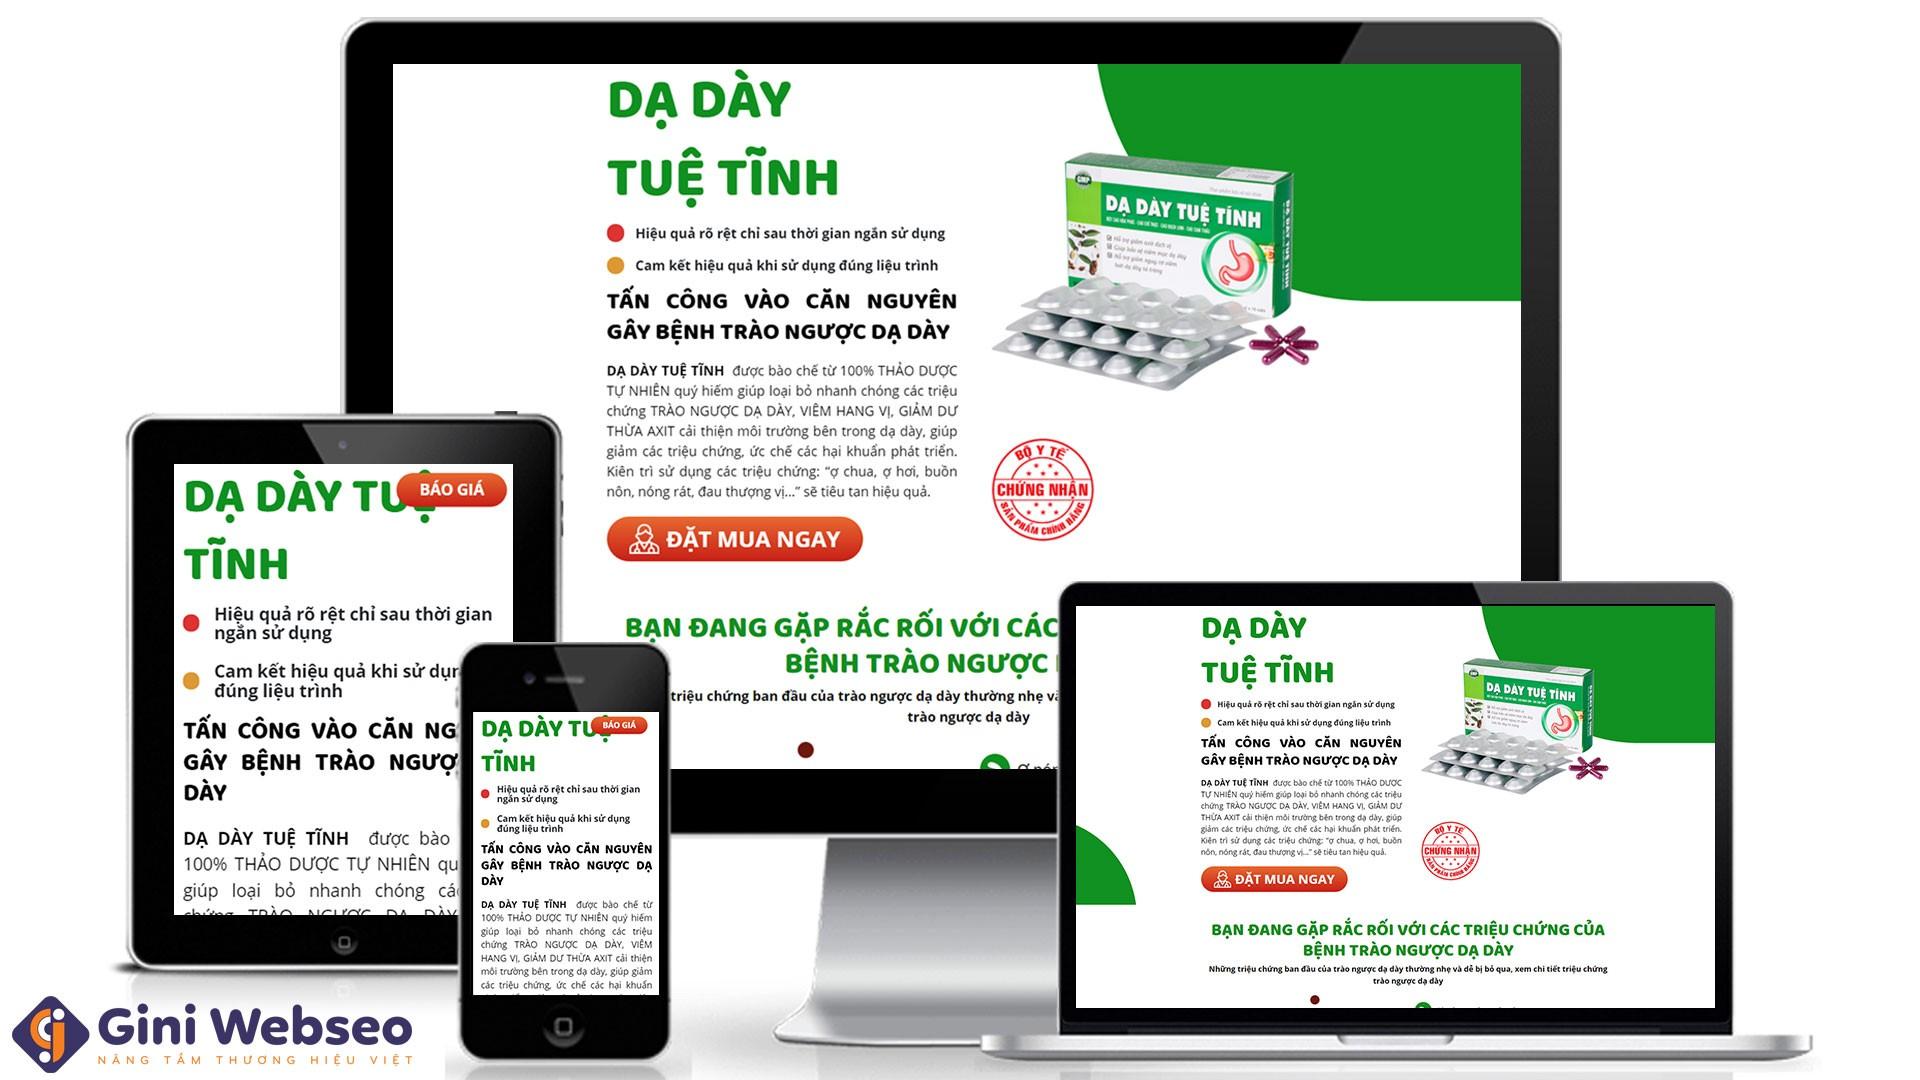 Thiết kế website sản phẩm chức năng Dạ Dày Tuệ Tĩnh